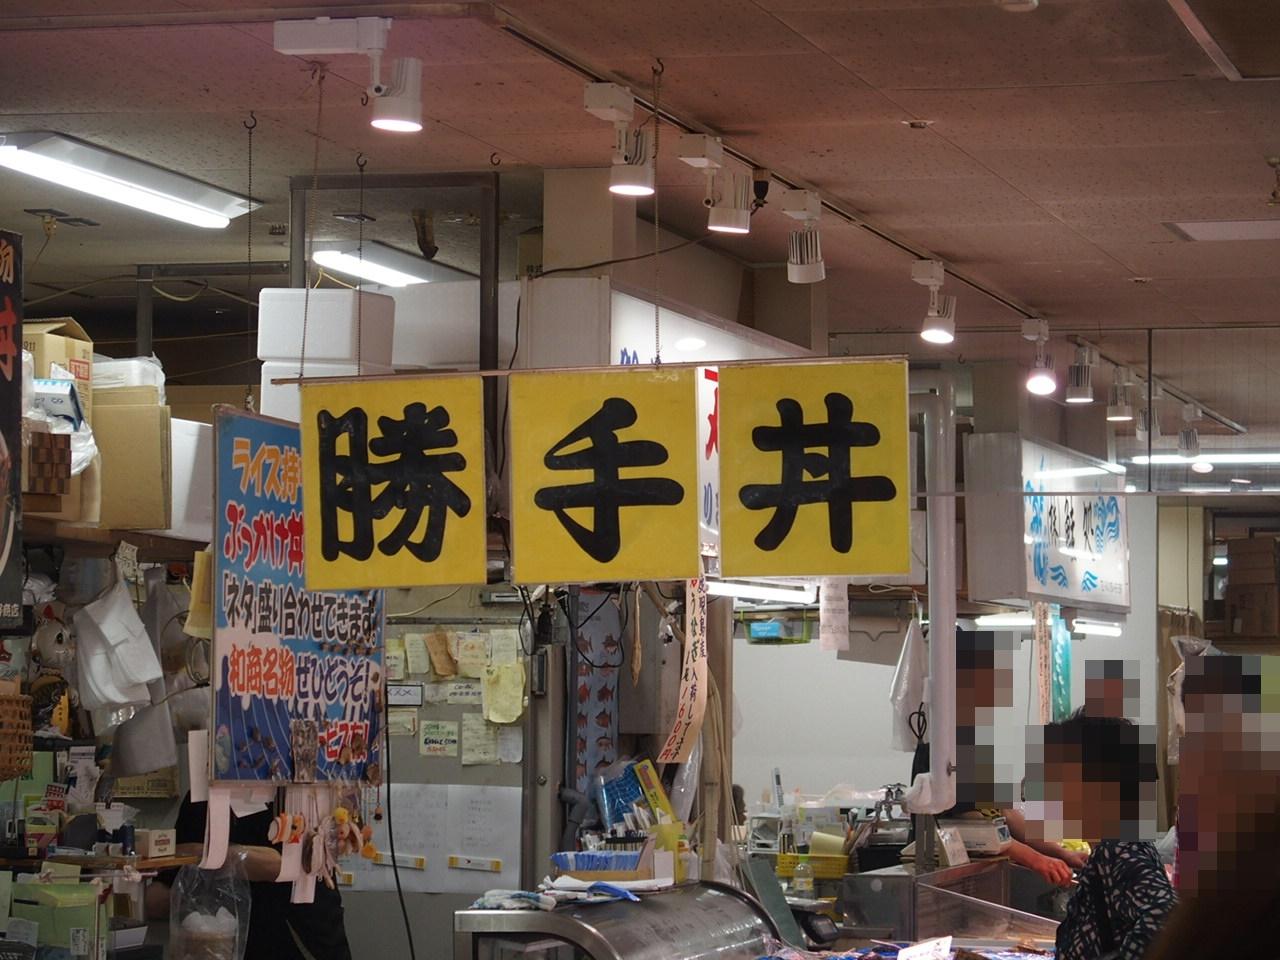 勝手丼が有名な釧路の和商市場